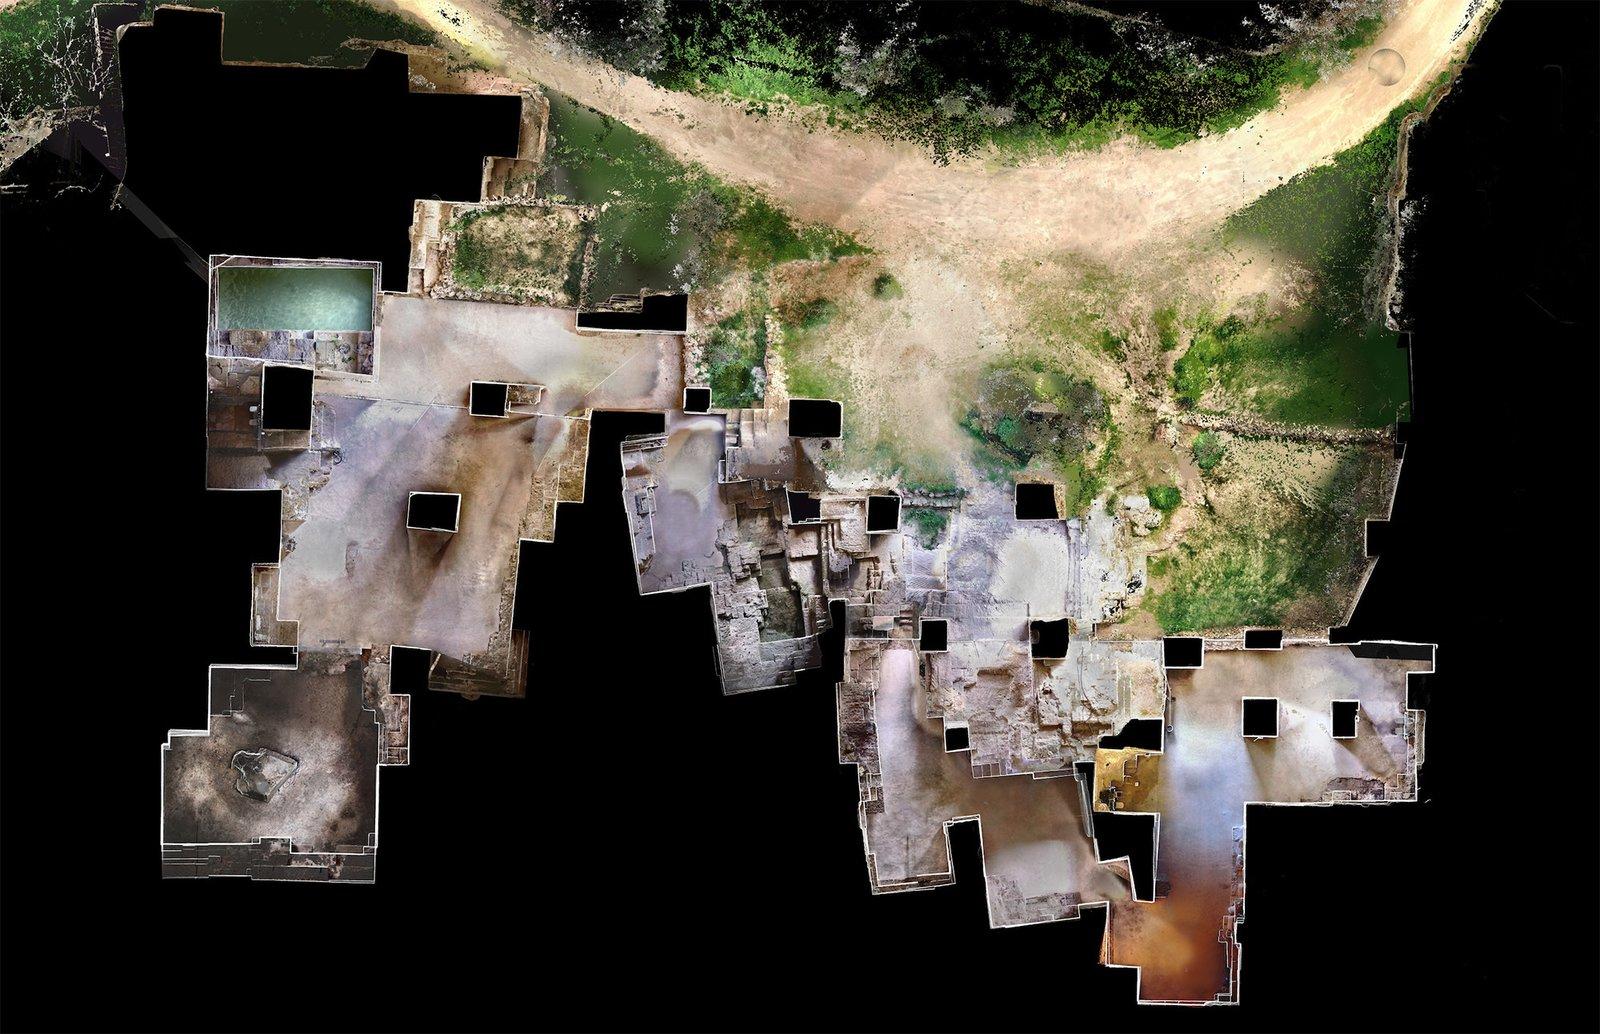 Ca'n Terra aerial site plan